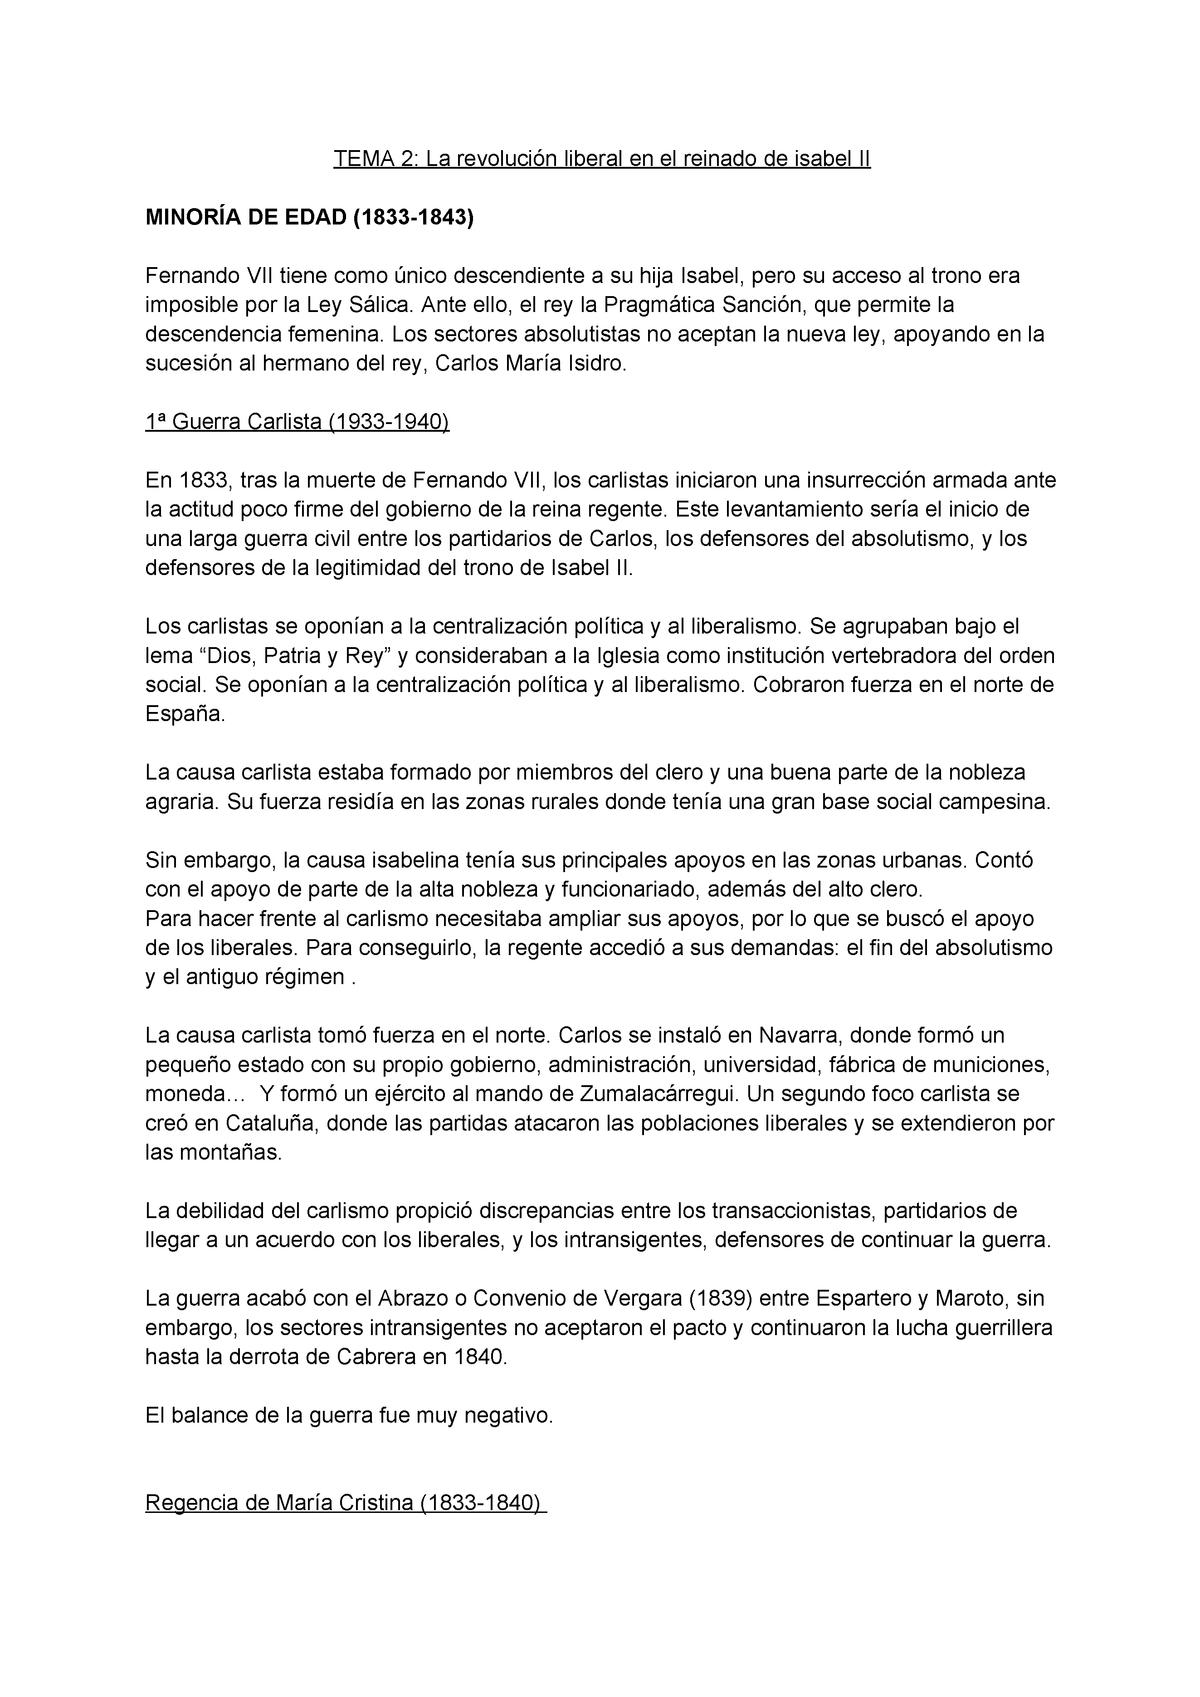 Isabel Ii Resumen Para Selectividad Tema La Revoluci Liberal En El Reinado De Isabel Ii Minor De Edad 1833 1843 Fernando Vii Tiene Como Nico Descendiente Su Studocu